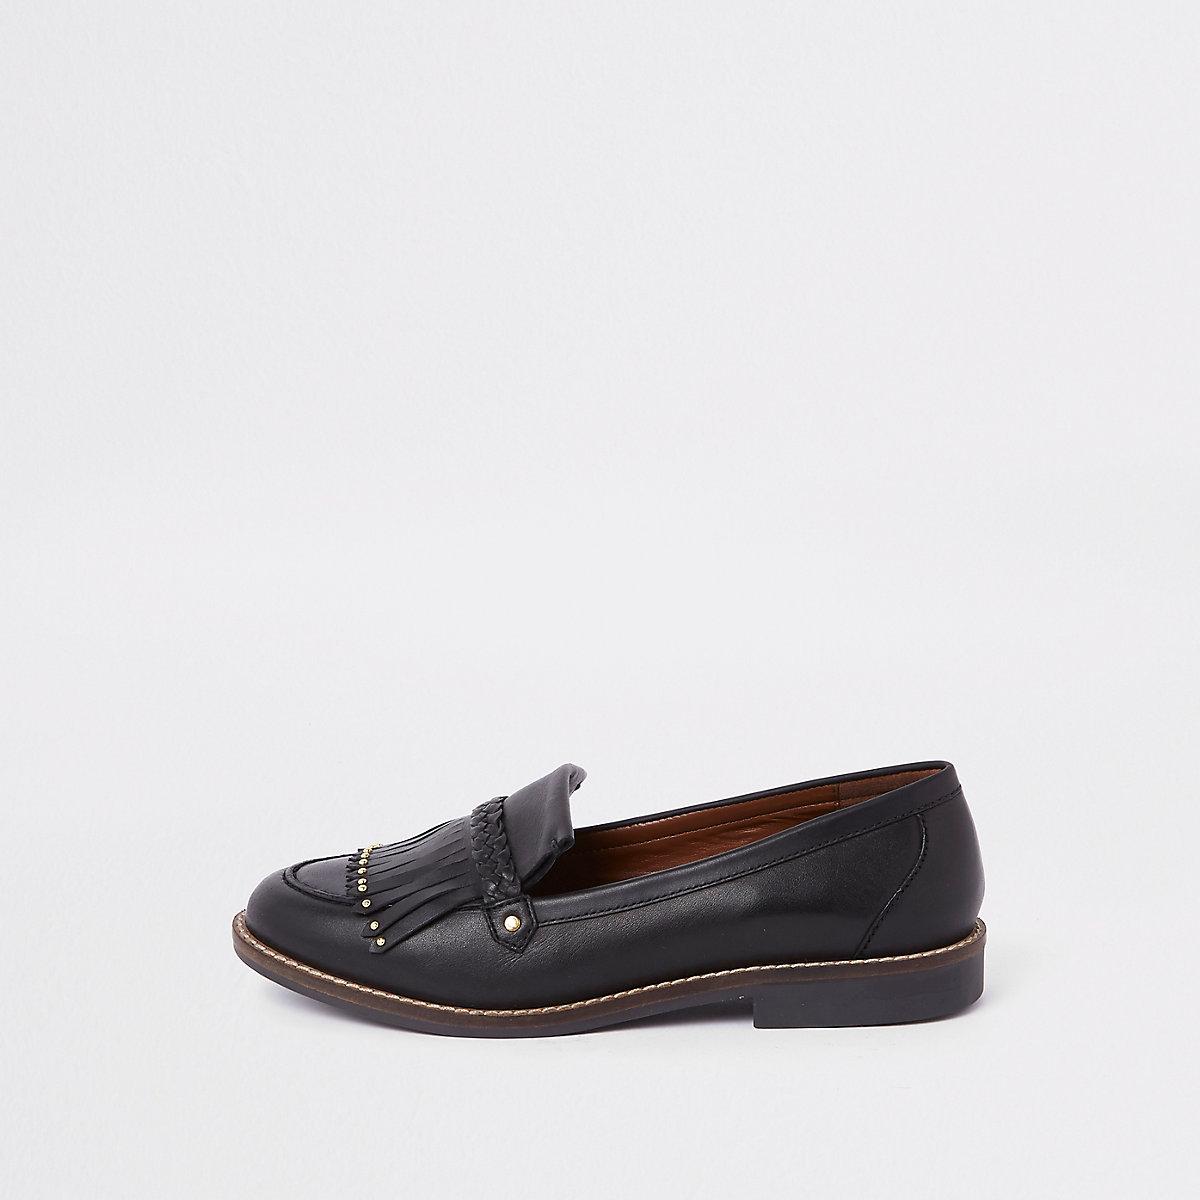 Black leather fringe loafer